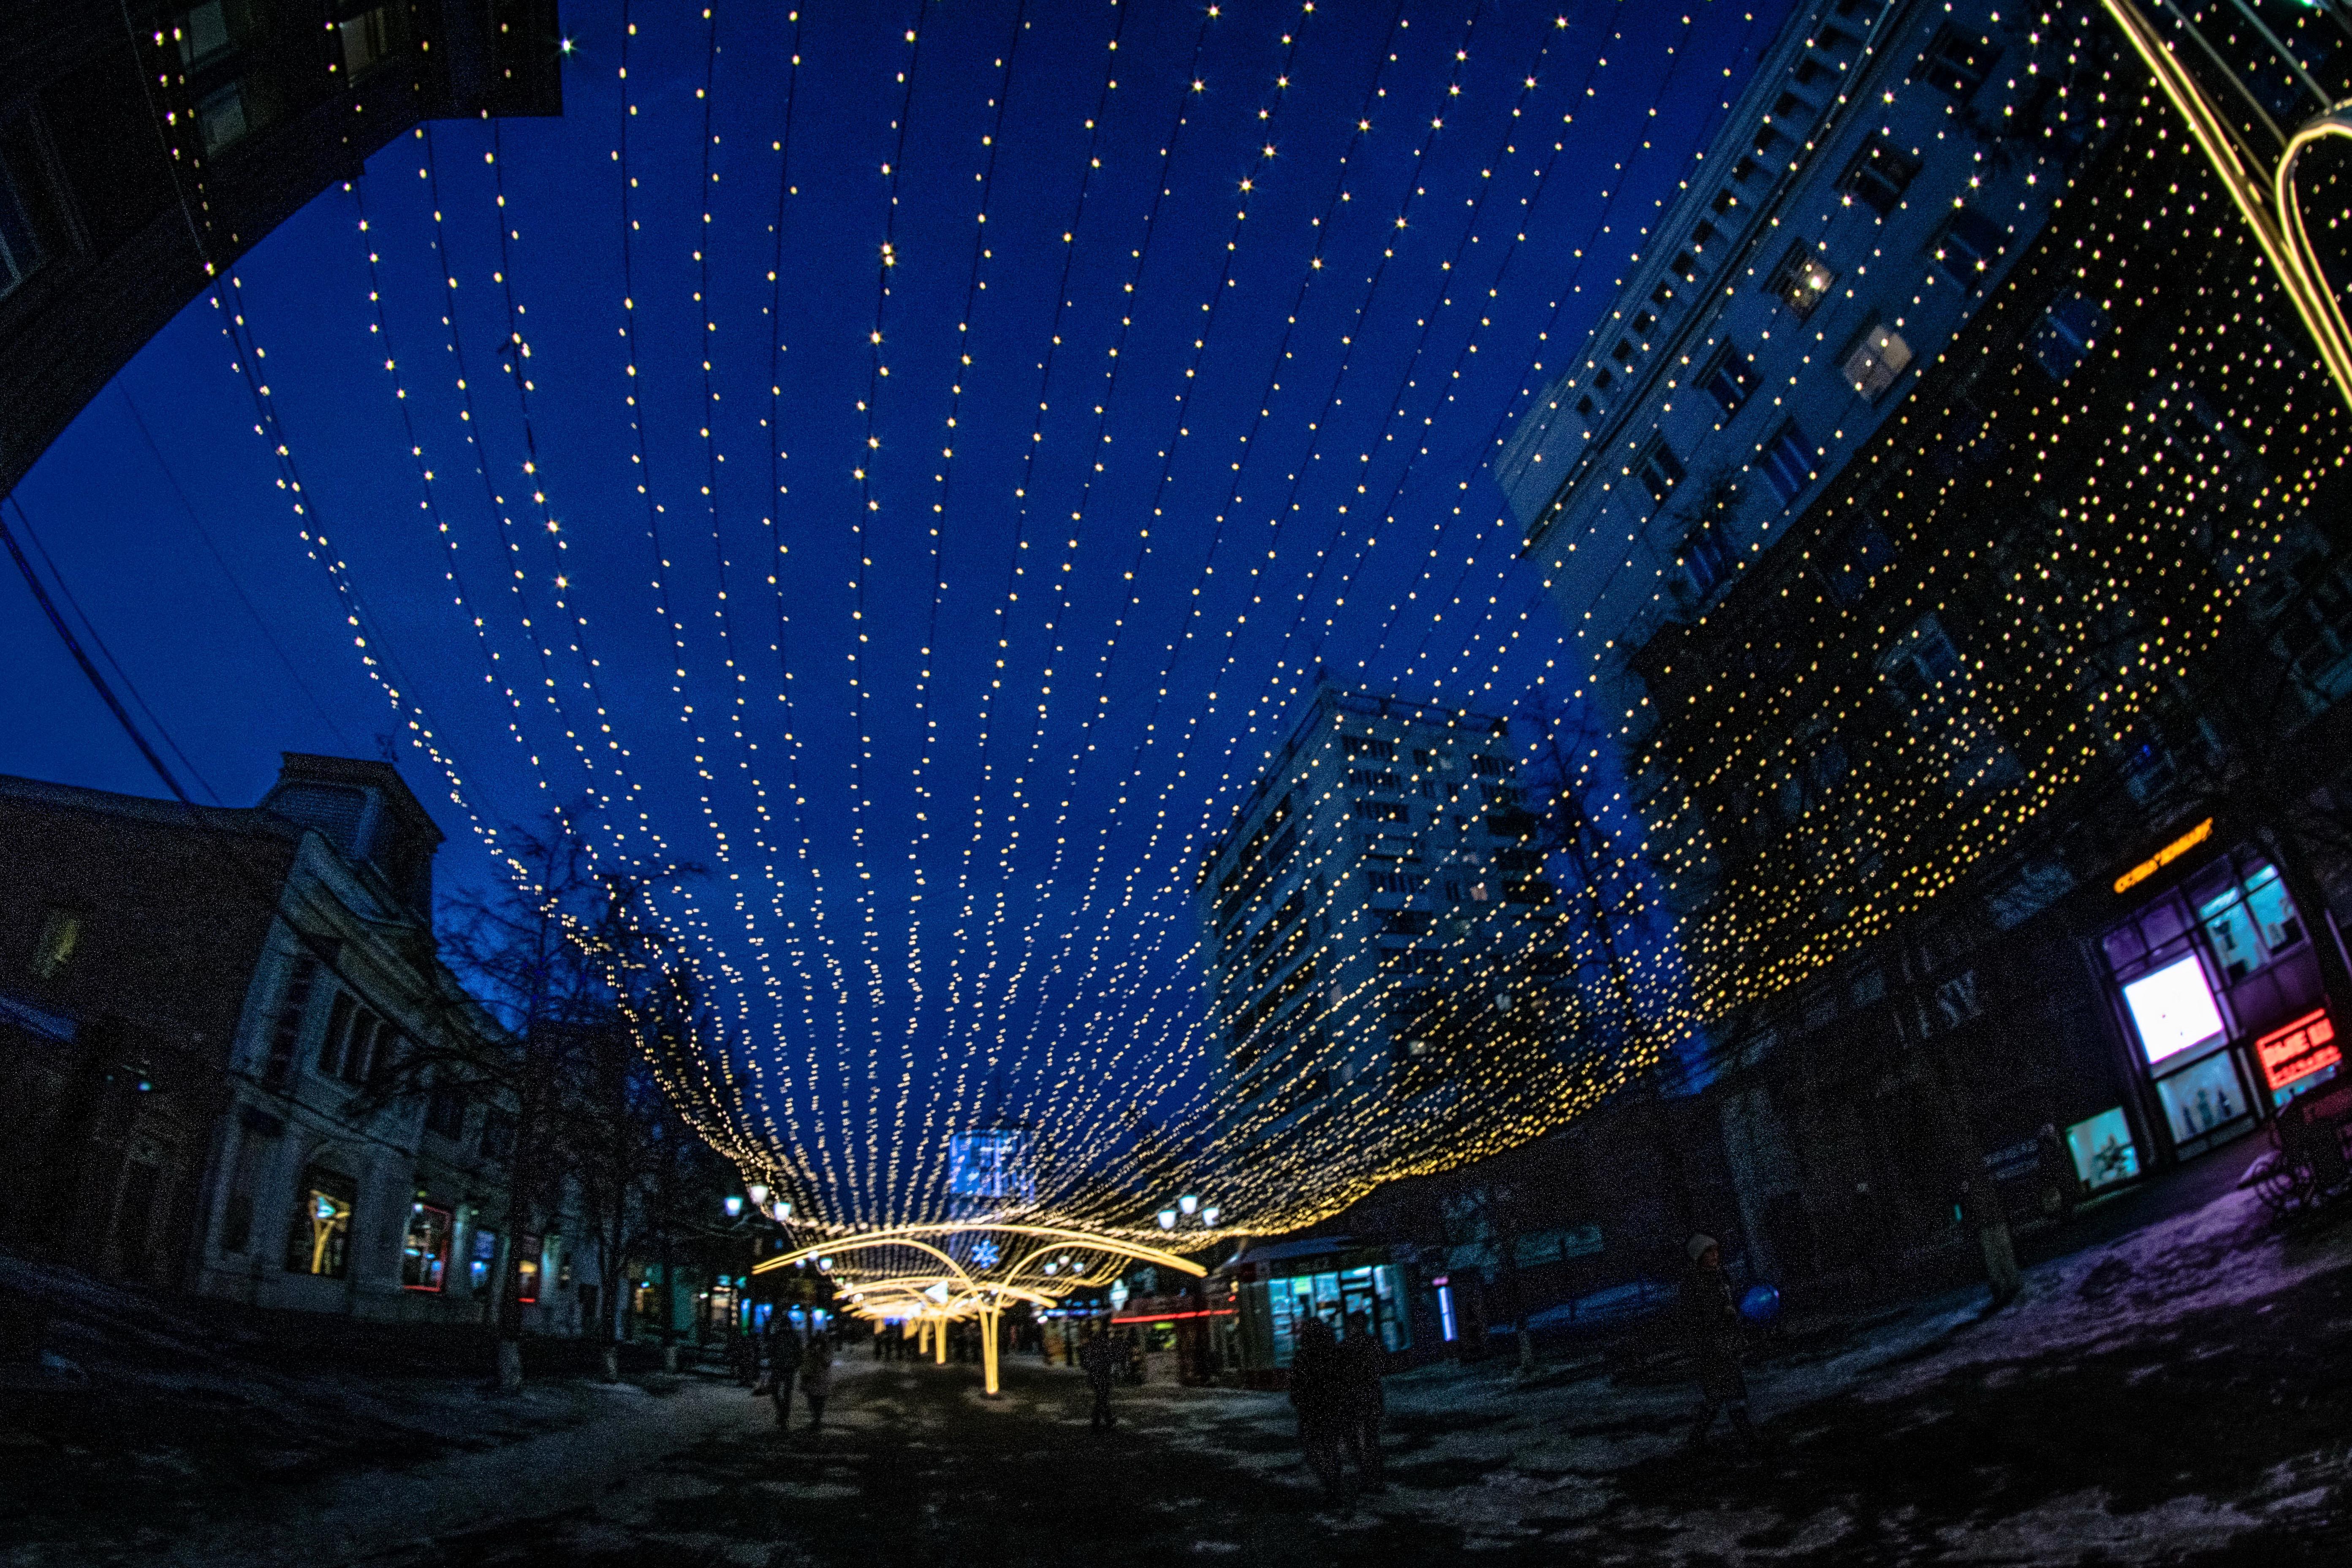 Челябинск, праздничная иллюминация ул. Кирова, пешеходная часть_8399